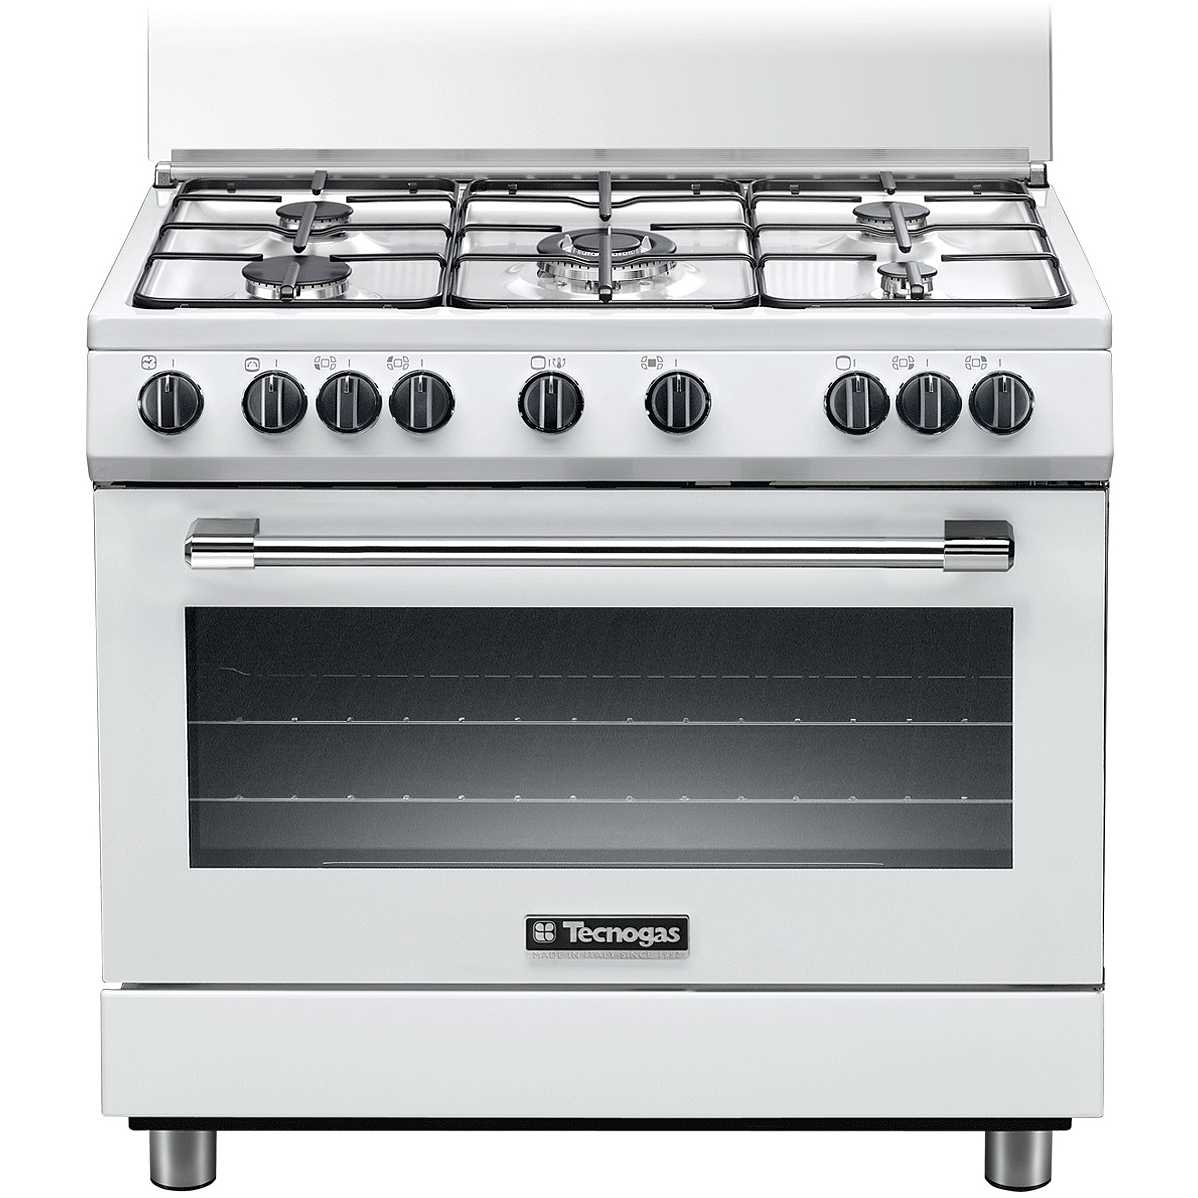 Tecnogas p965gvw cucina 90x60 5 fuochi a gas forno a gas - Eprice cucine a gas ...